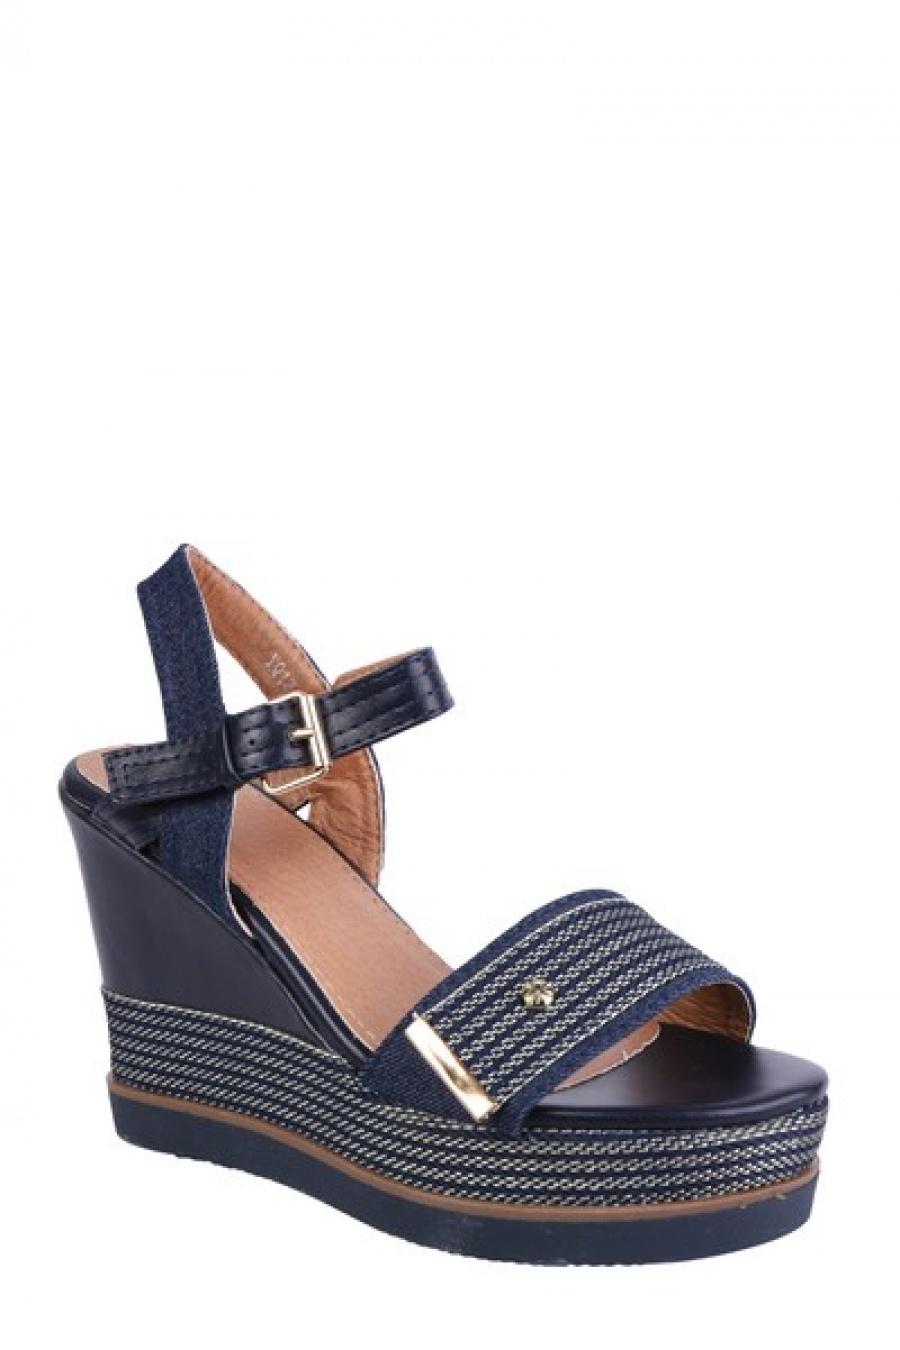 Compensées Chaussures Bleu / Bleu foncé LADY GLORY YQ13 #c eFashion Paris